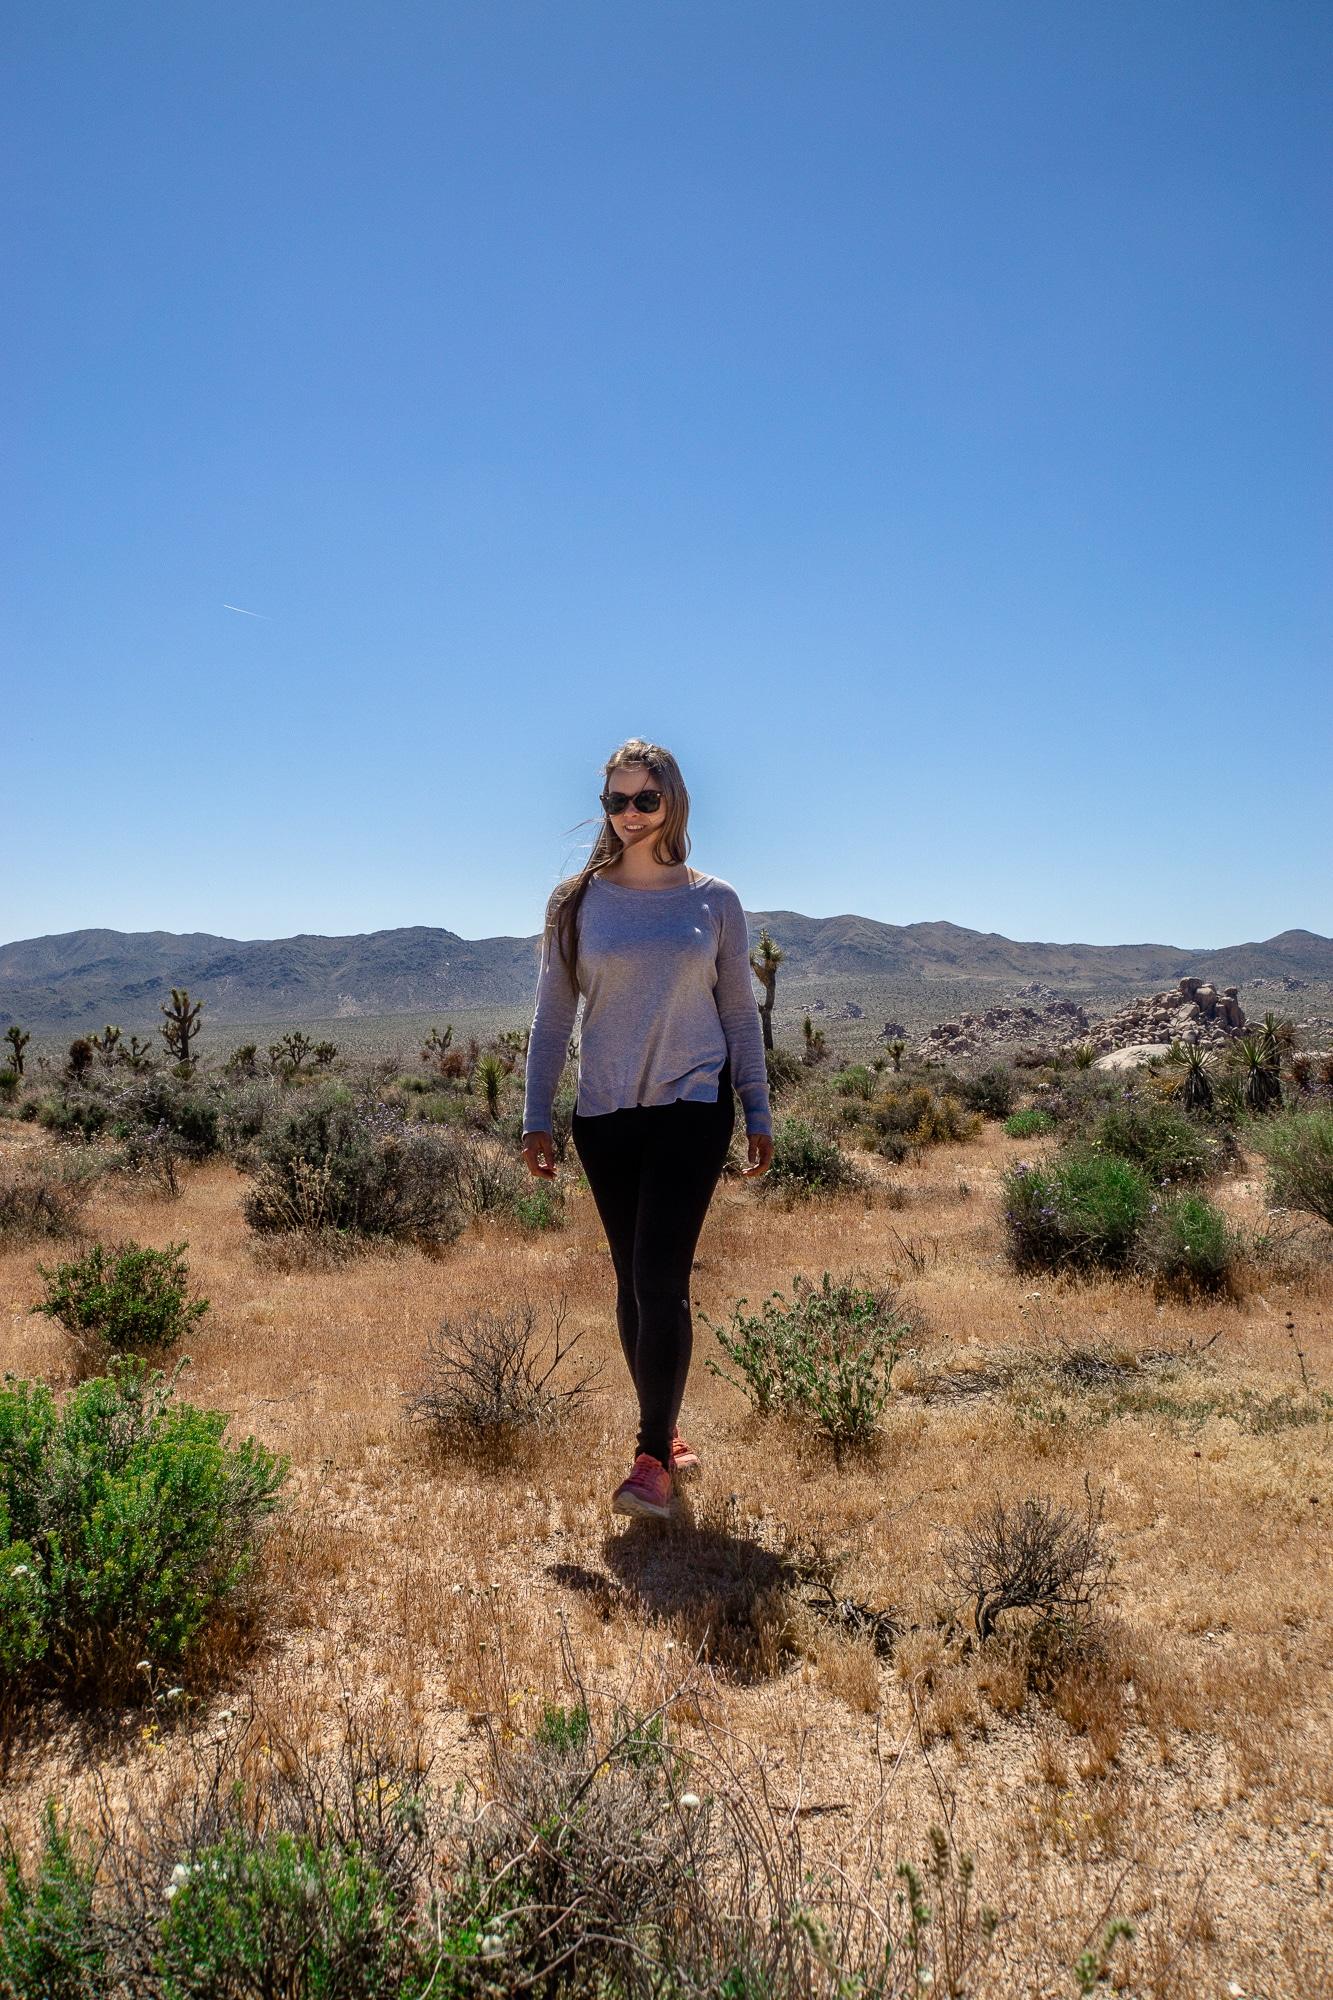 Joshua-Tree-Nationalpark: Die schönsten Sehenswürdigkeiten & Highlights - Geology Tour Road